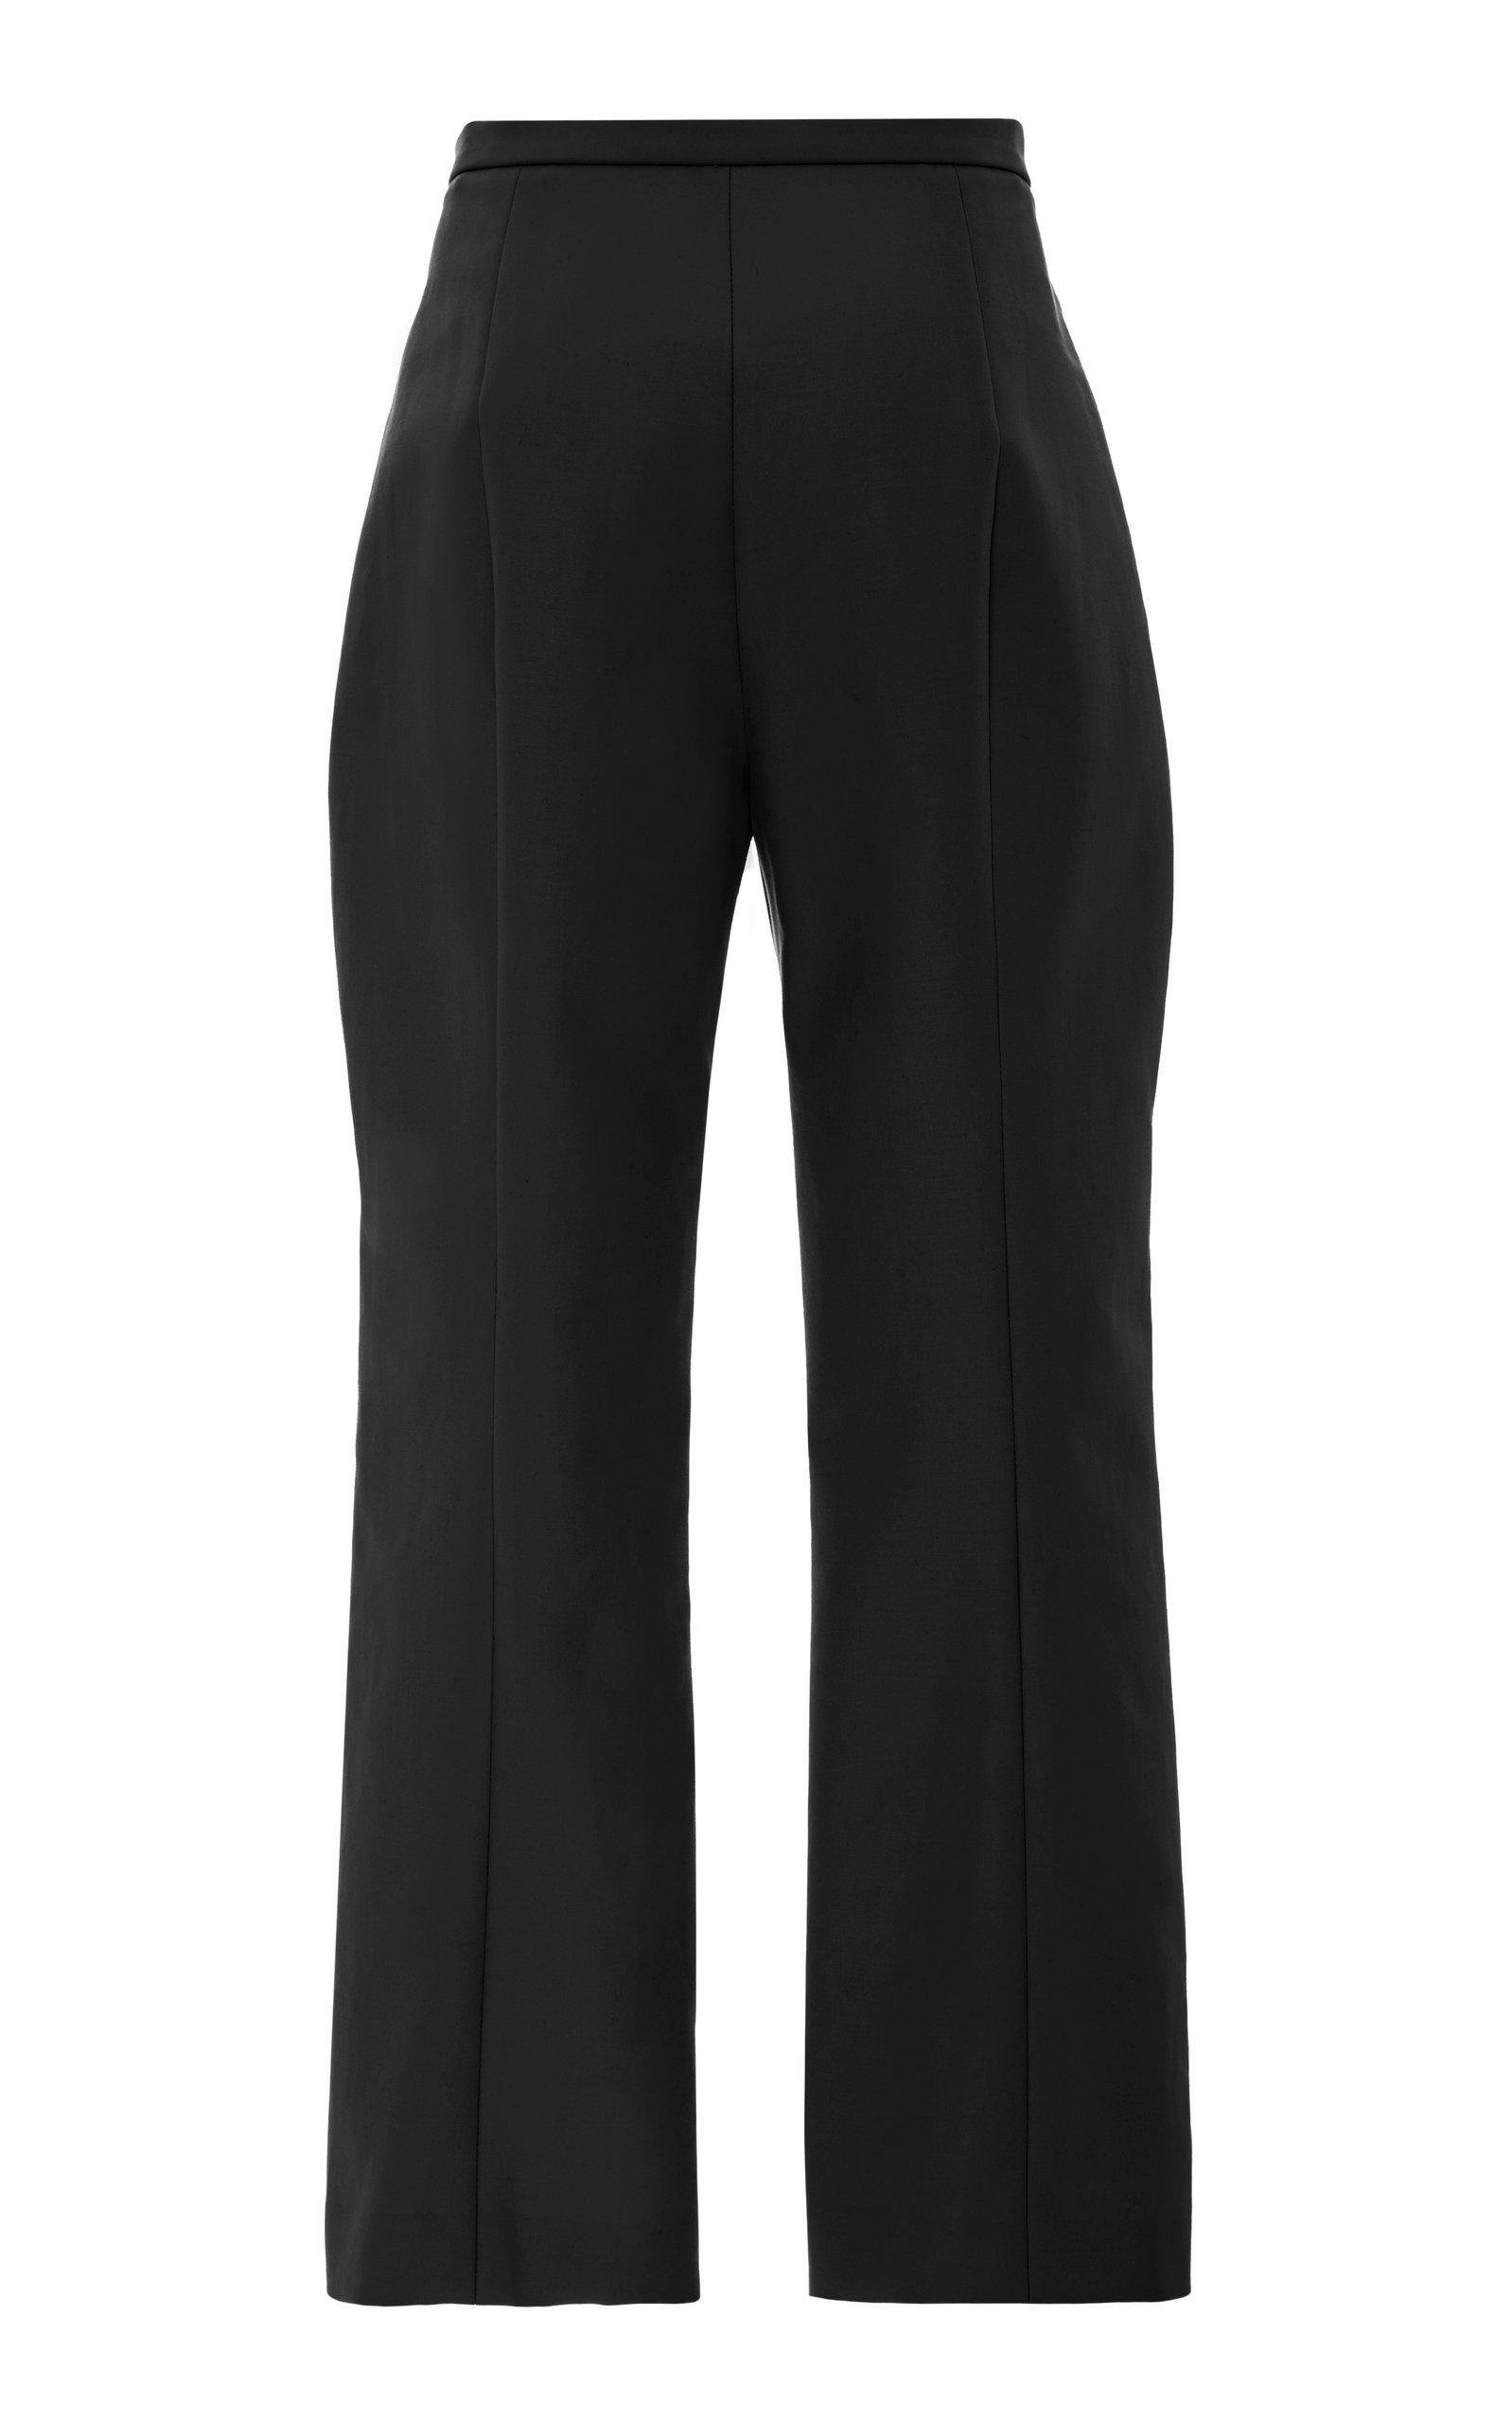 Khaite Cotton Audrey Pant in Black